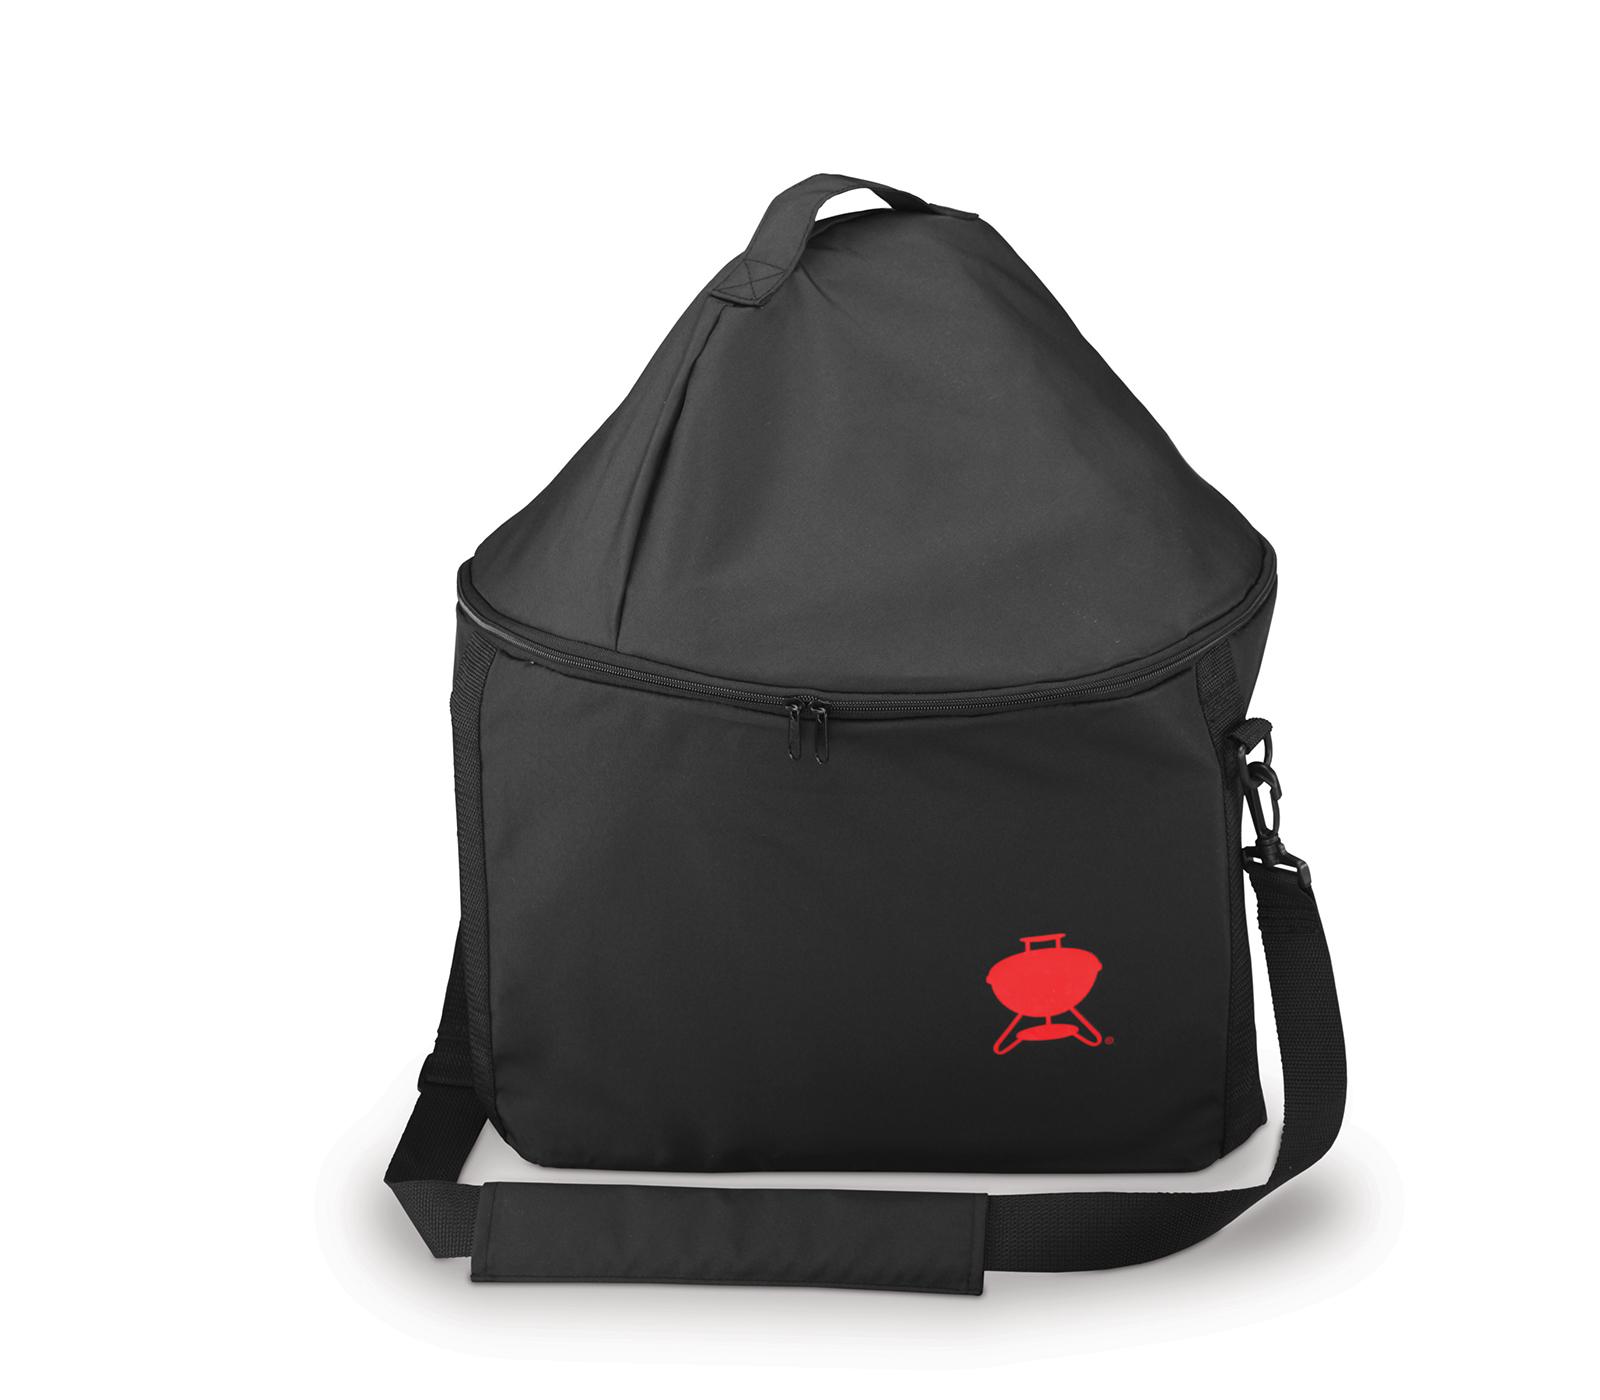 Weber Smokey Joe Carry Bag